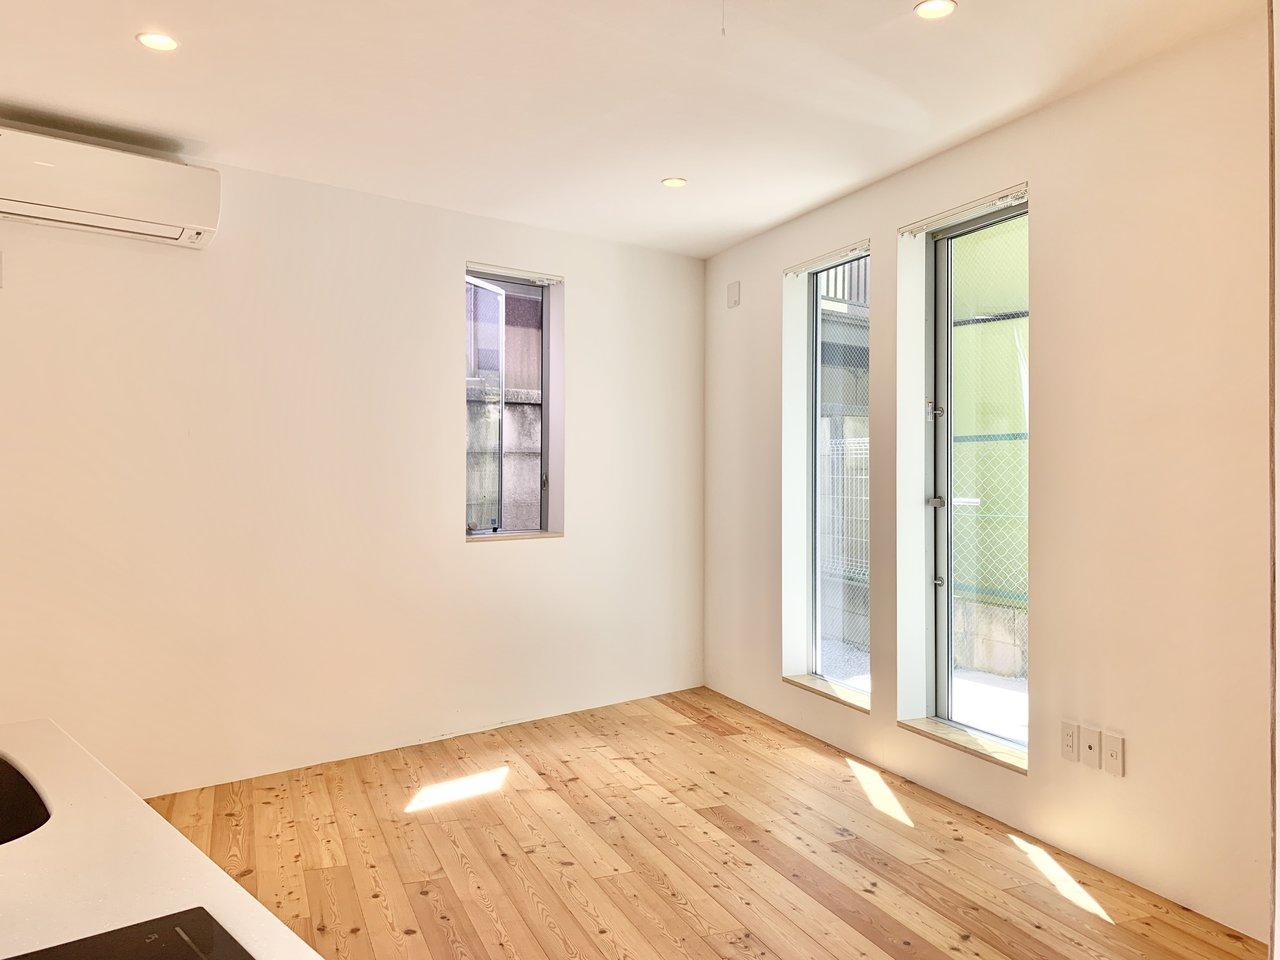 お部屋は2面採光で明るいのがうれしい。無垢床に差し込む光がいいですね。